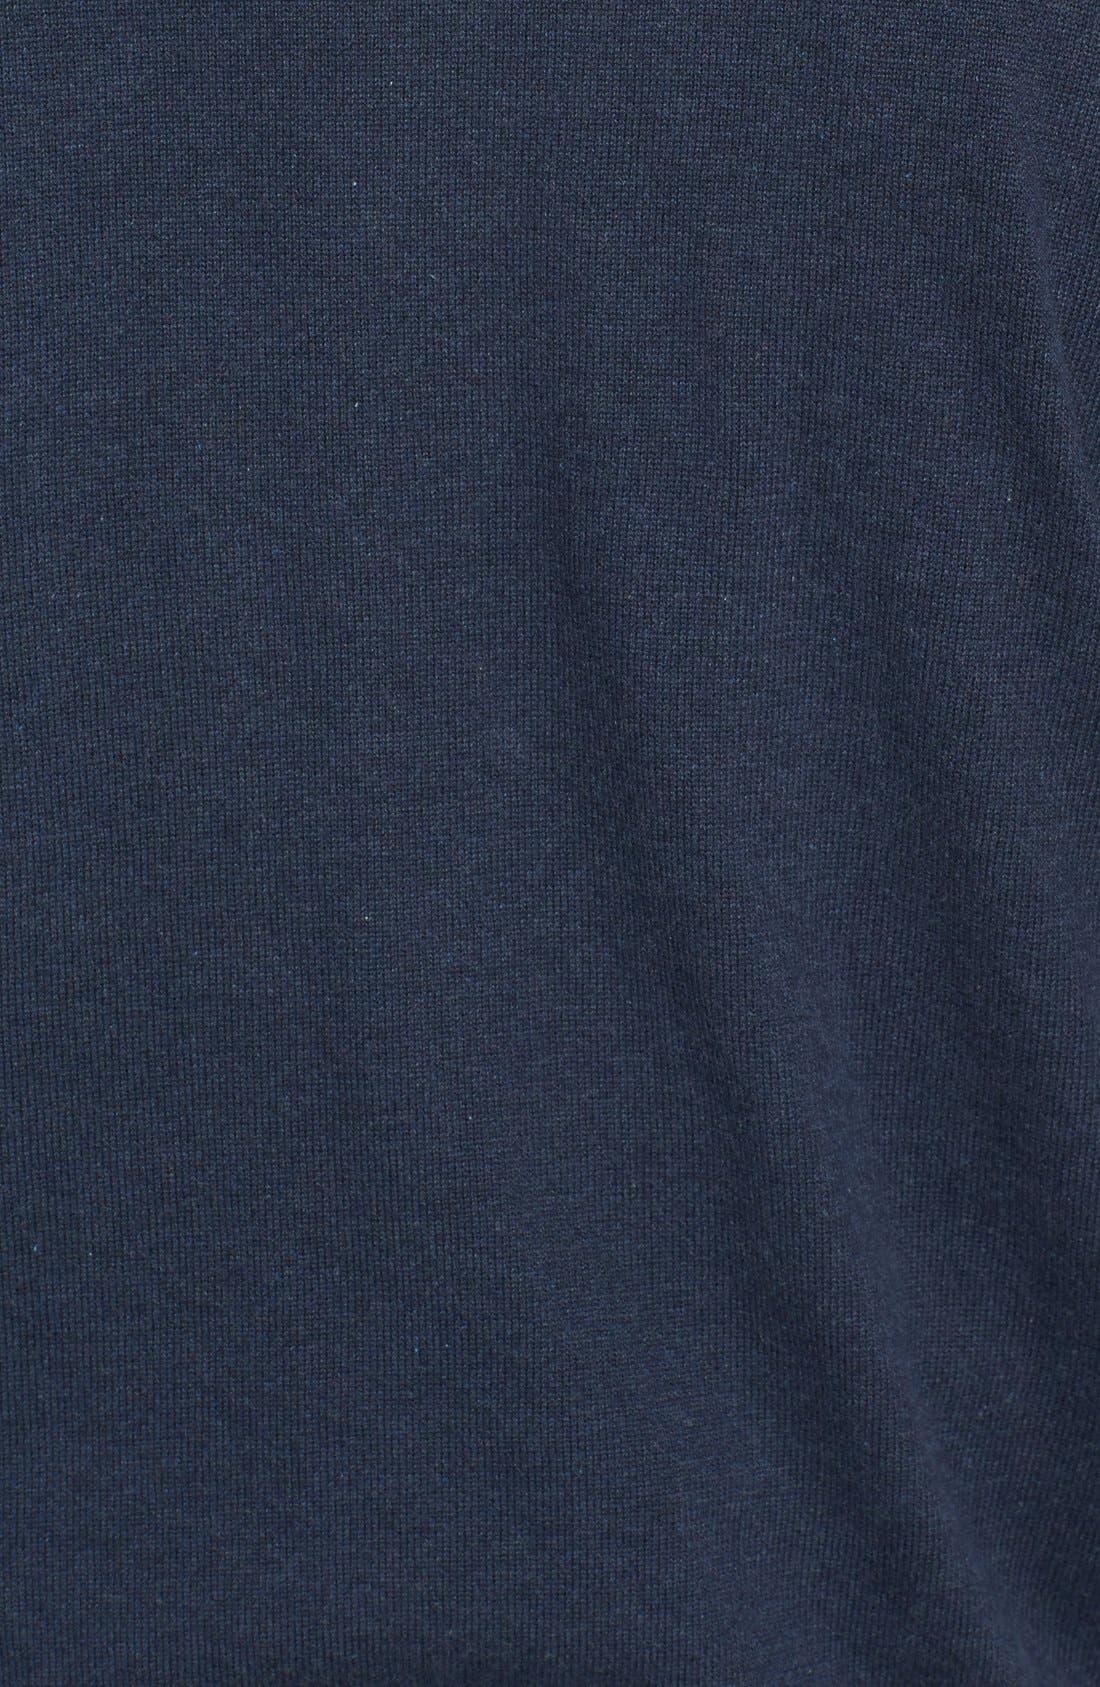 Broadview Half Zip Sweater,                             Alternate thumbnail 3, color,                             480